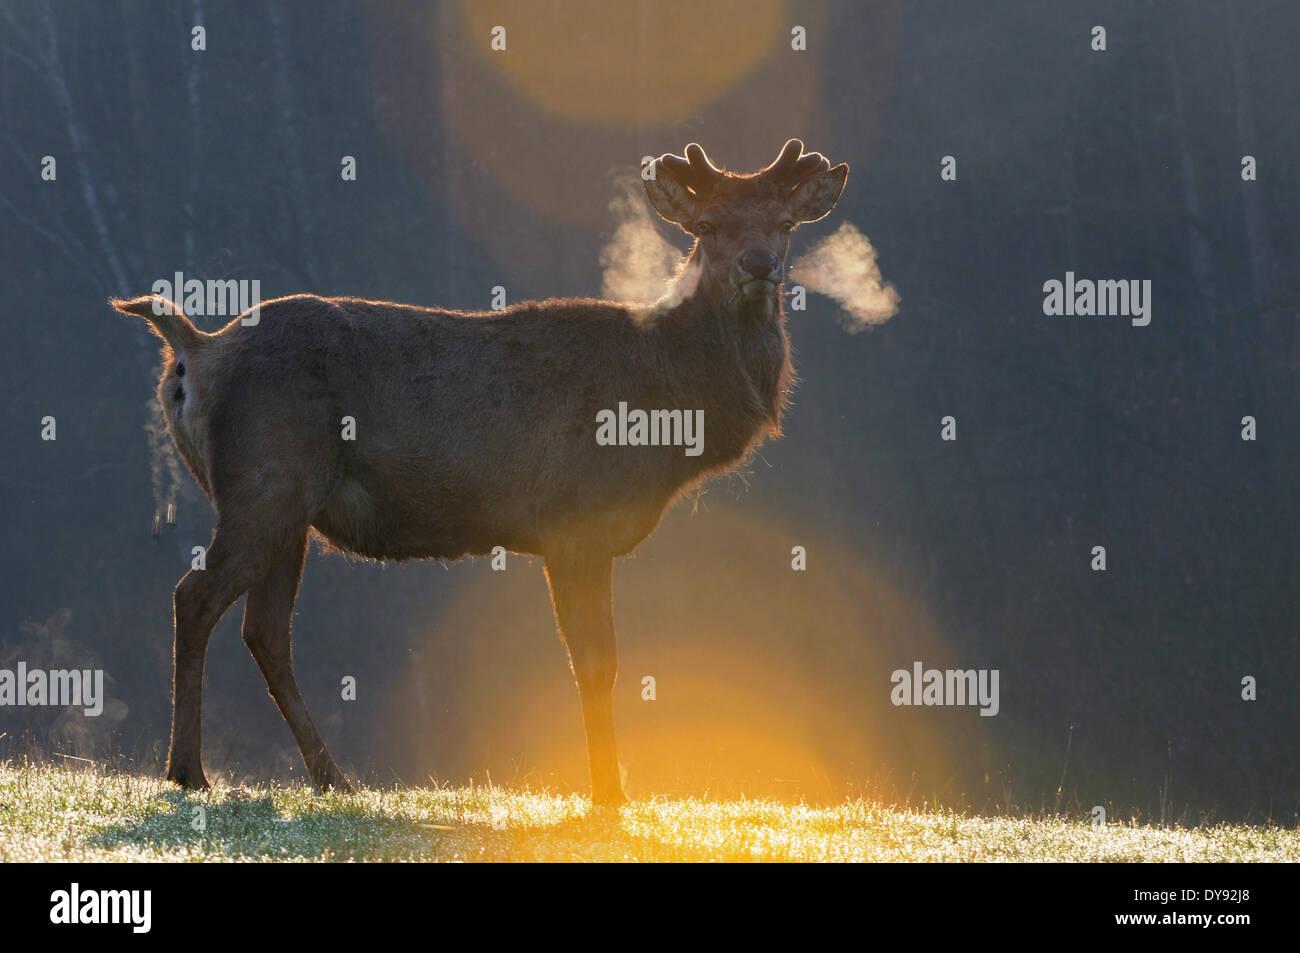 Red deer antlers antler Cervid Cervus elaphus deer stag stags hoofed animals European deer spring velvet animal - Stock Image